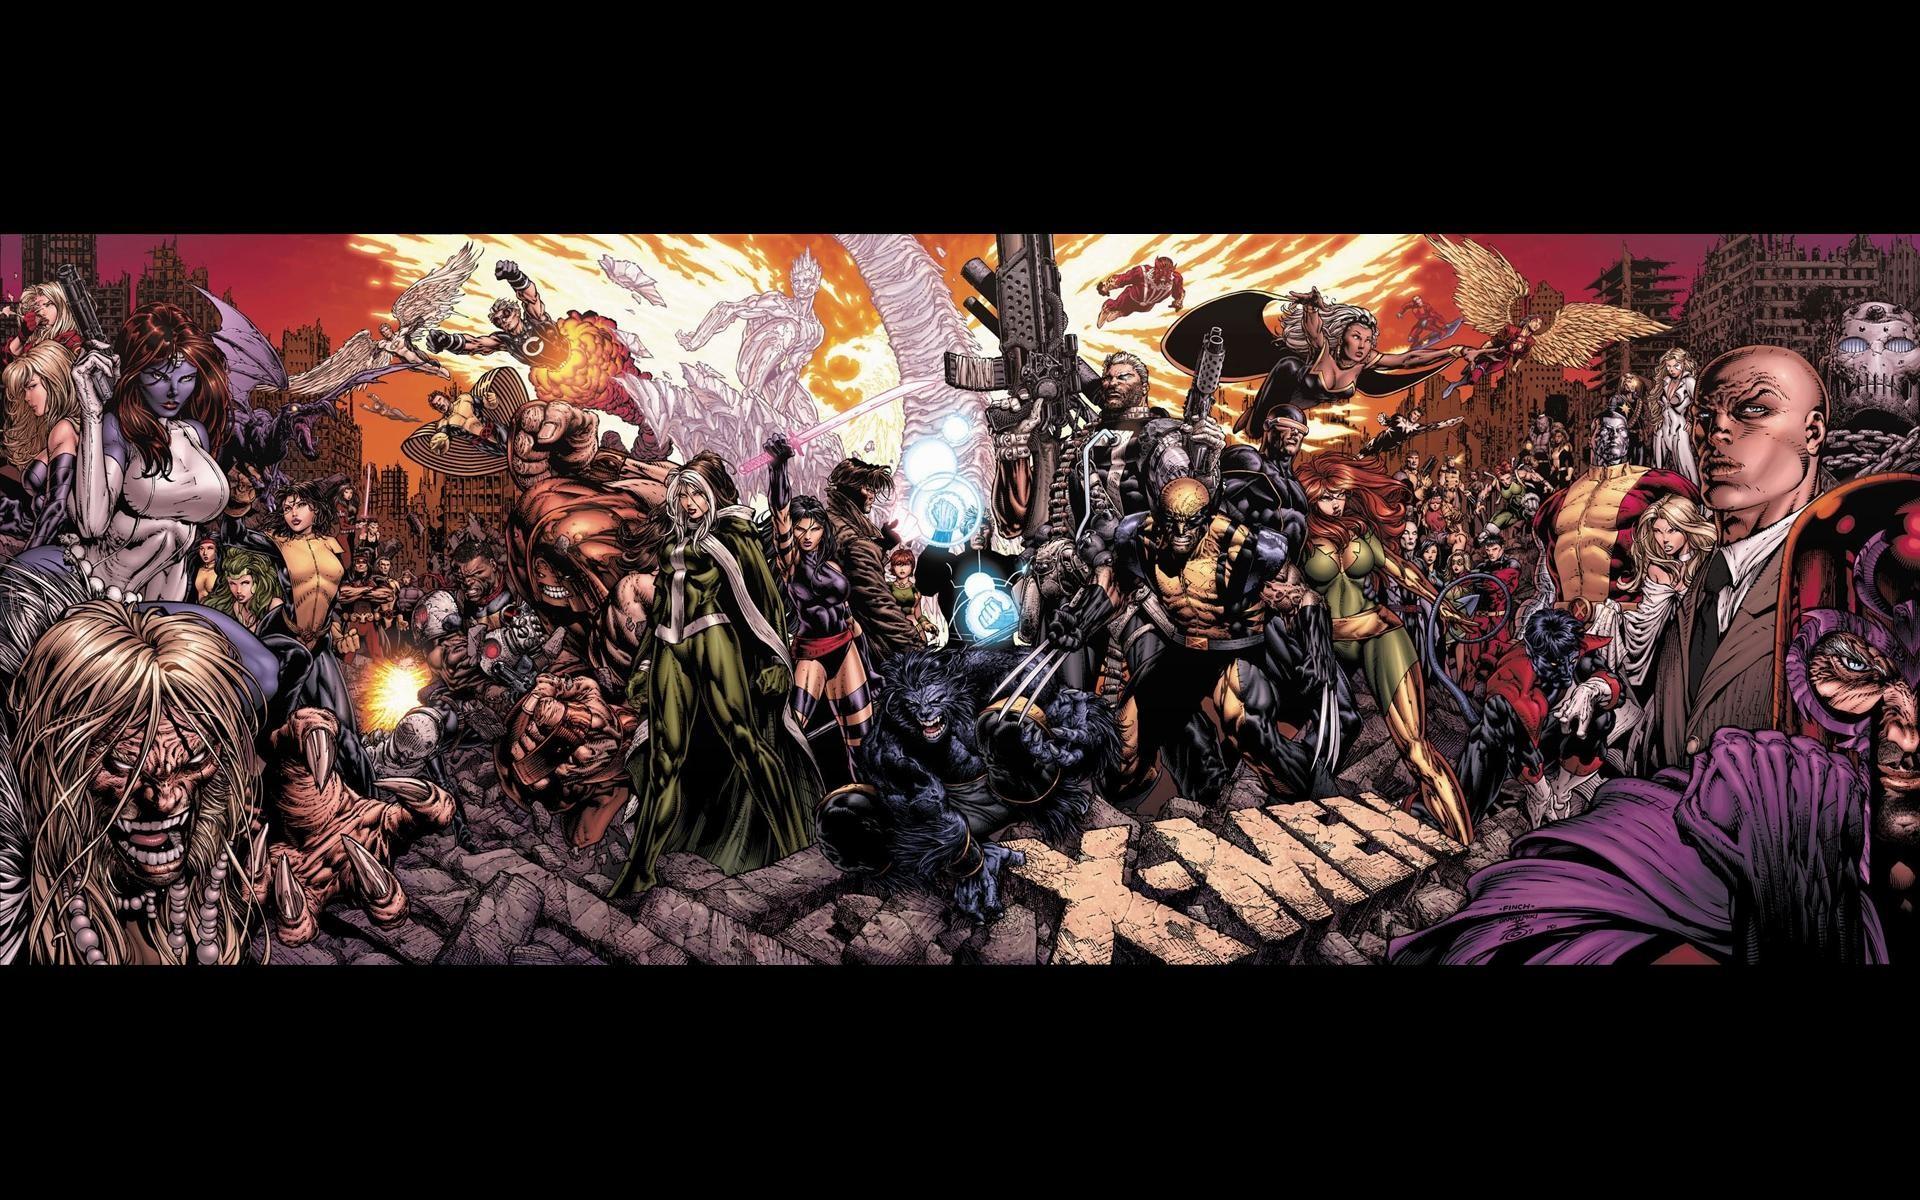 X-Men-Marvel-Comics-HD-Wallpaper